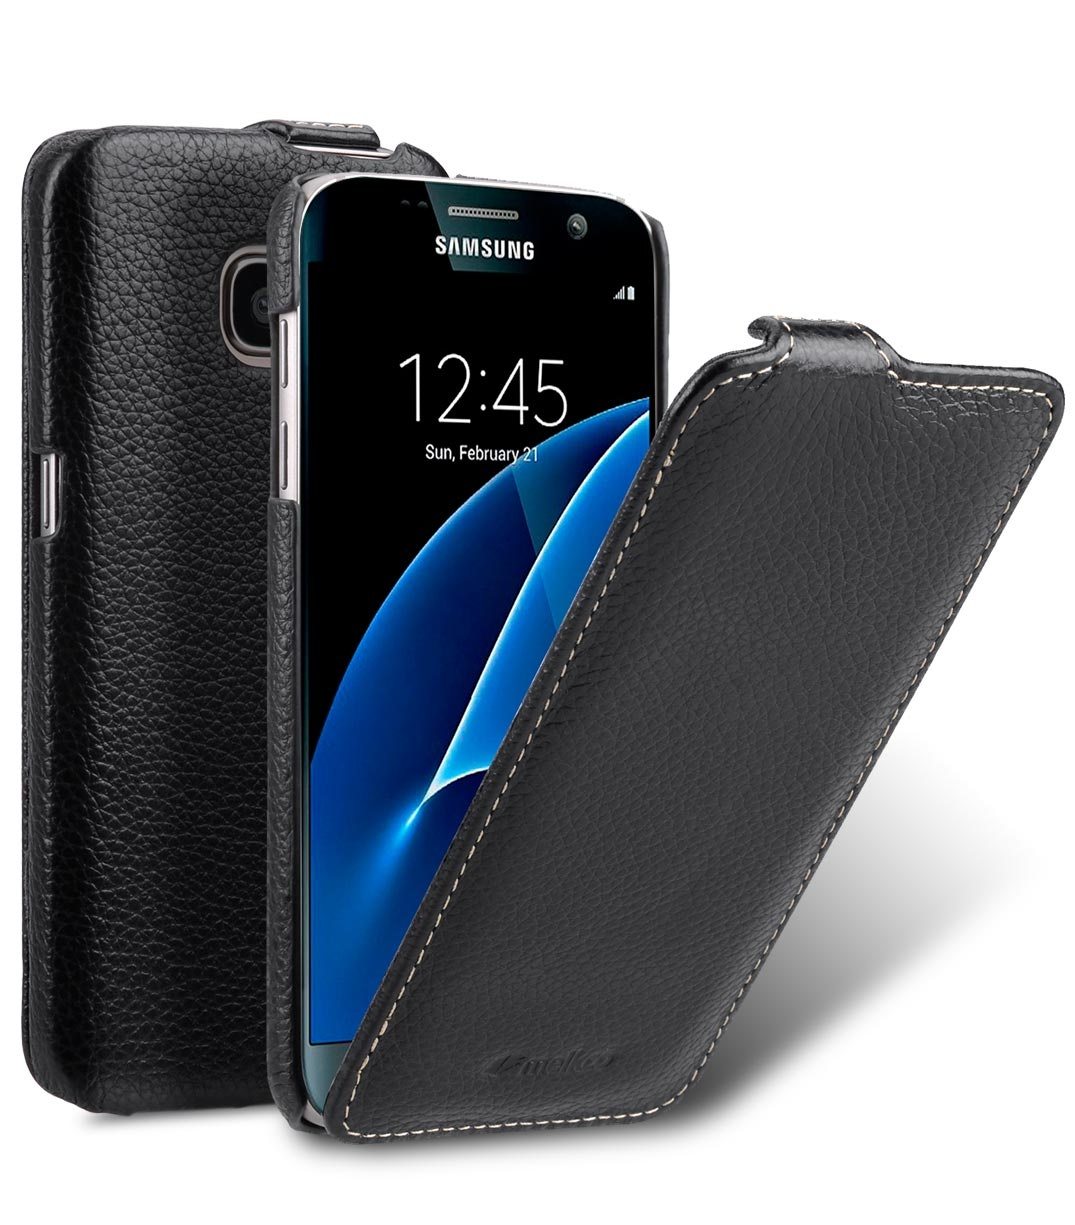 Чехол для сотового телефона Melkco Кожаный чехол флип для Samsung Galaxy S7 - Jacka Type, черный mooncase для samsung galaxy а7 кожаный чехол держатель кошелек флип карты с kickstand чехол обложка no a01